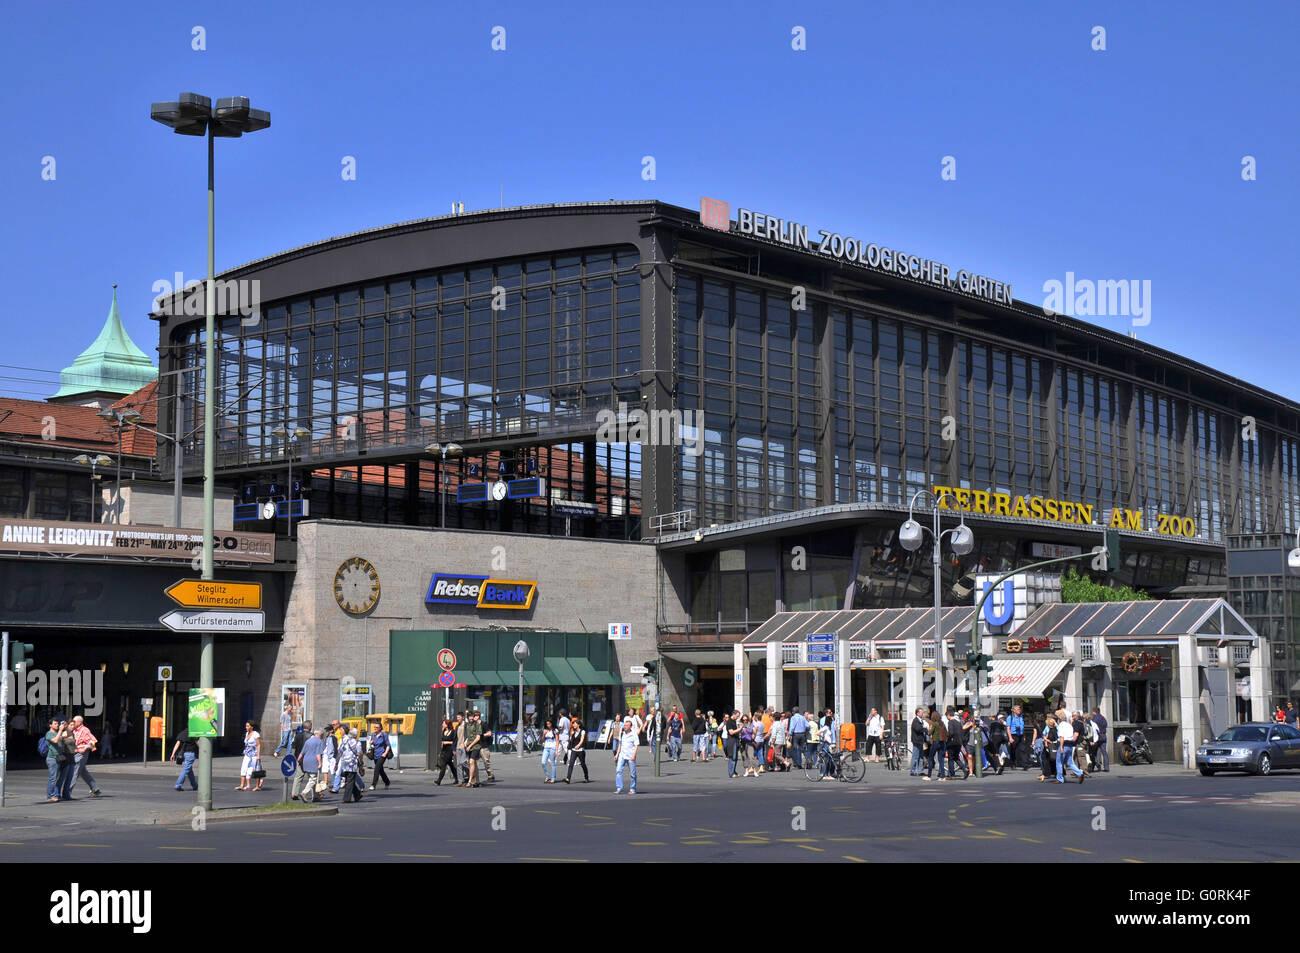 Bahnhof Zoo Berlin Zoologischer Garten Railway Station Stock Photo